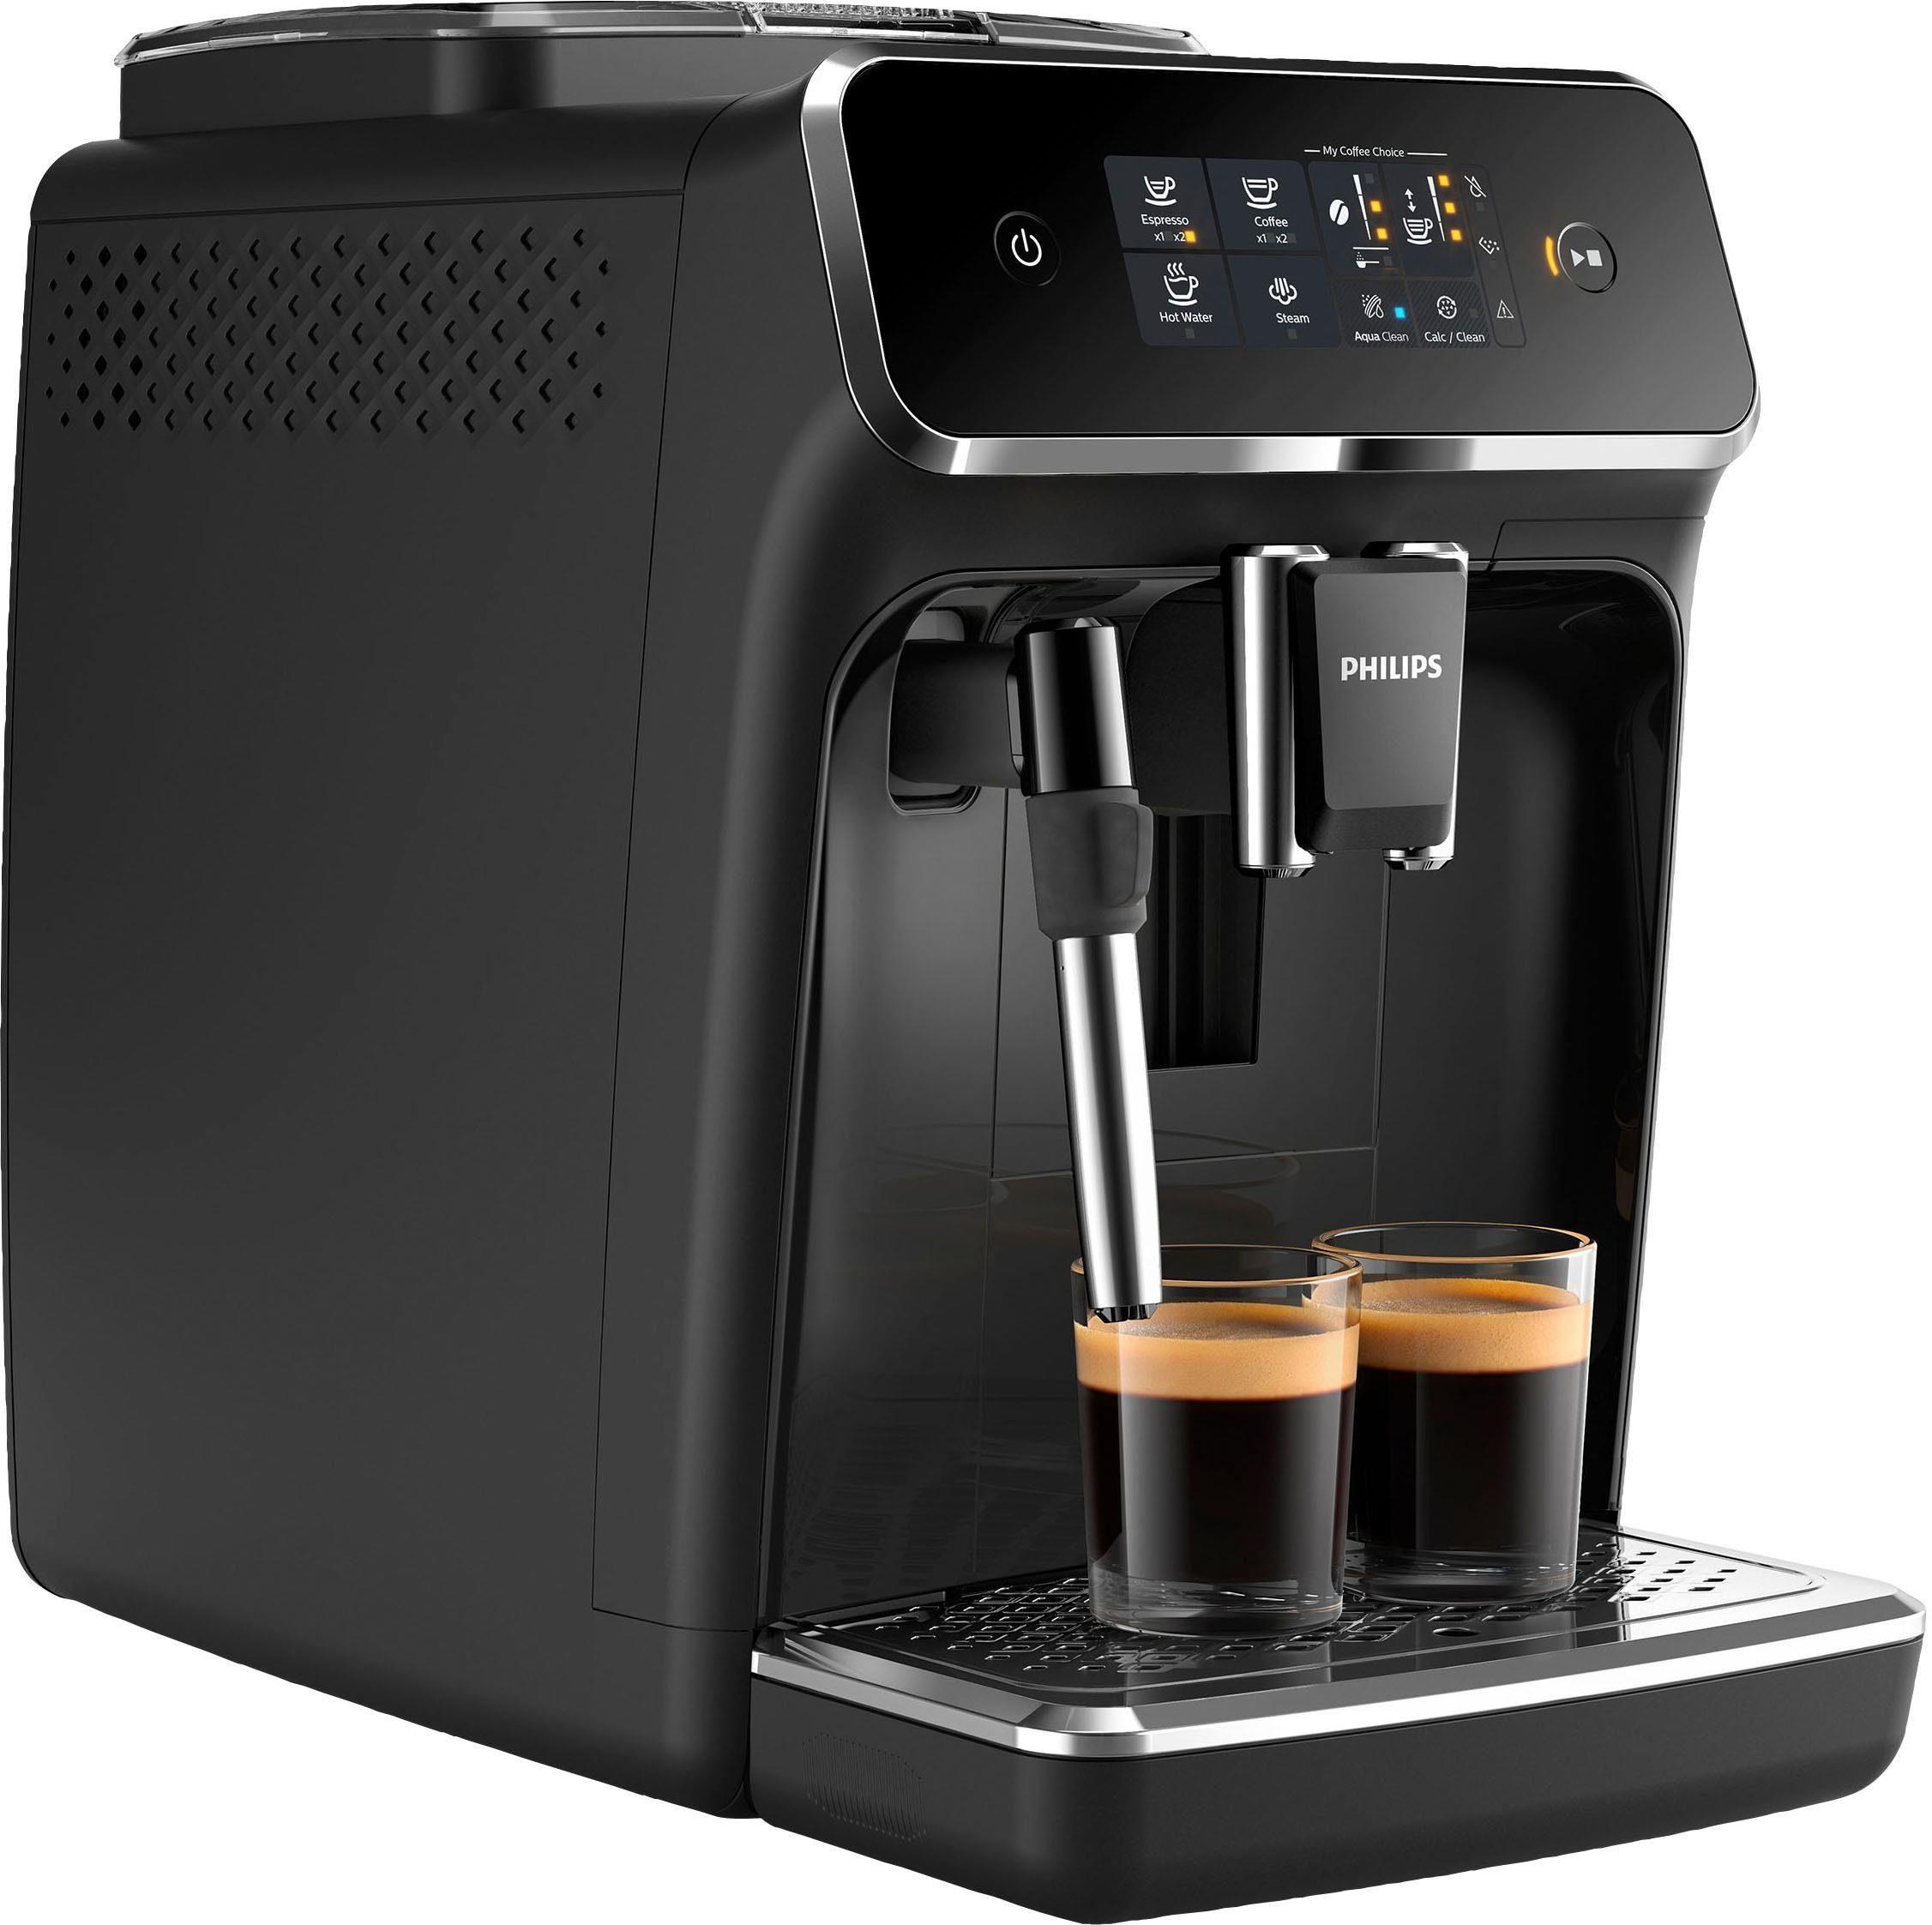 Philips Kaffeevollautomat 2200 Serie EP2221 40 Pannarello, klavierlackschwarz